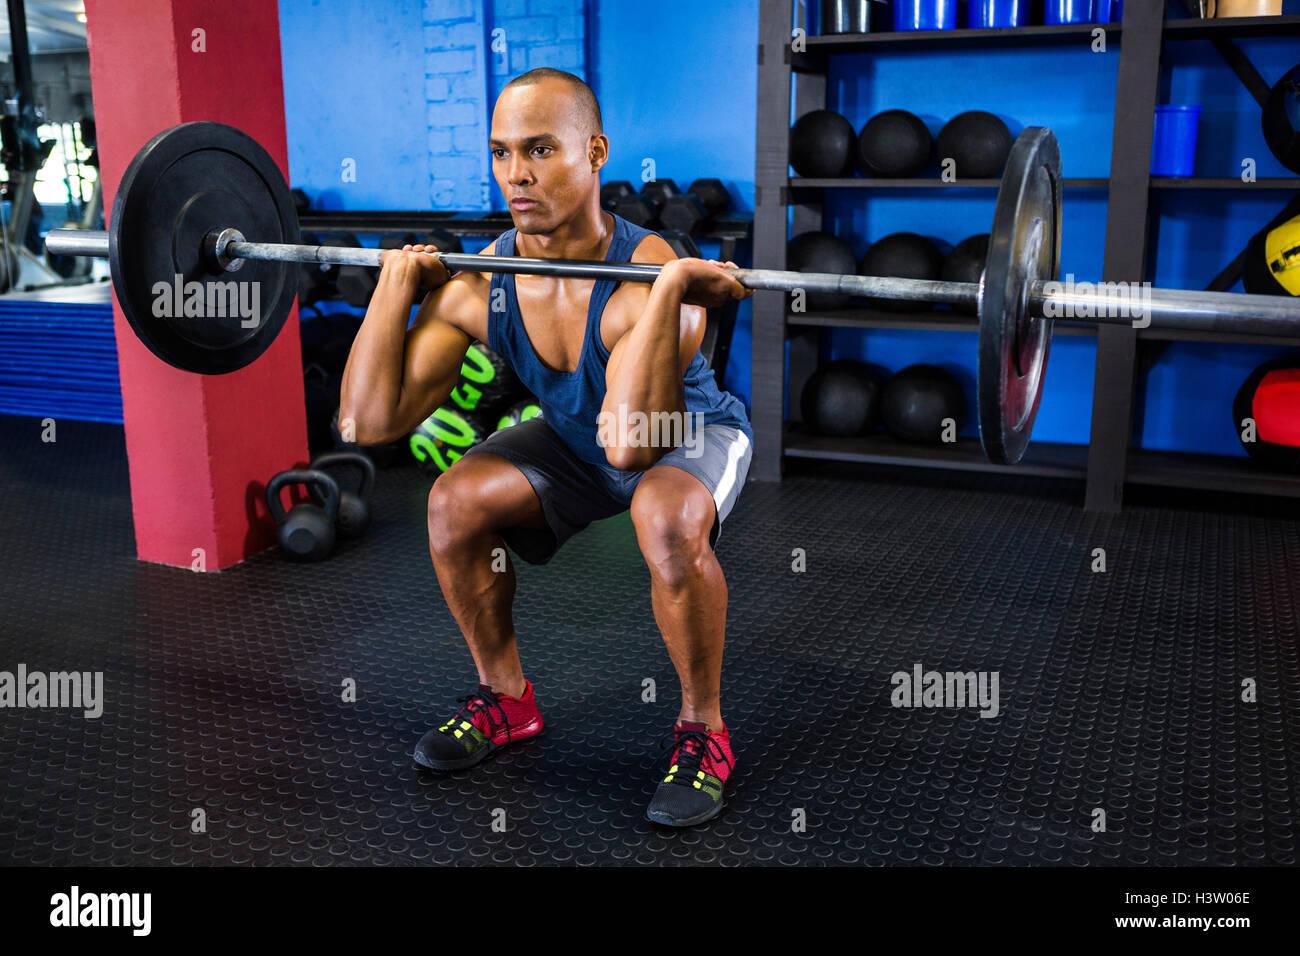 Atleta Masculino de levantamiento de pesas en el gimnasio Imagen De Stock